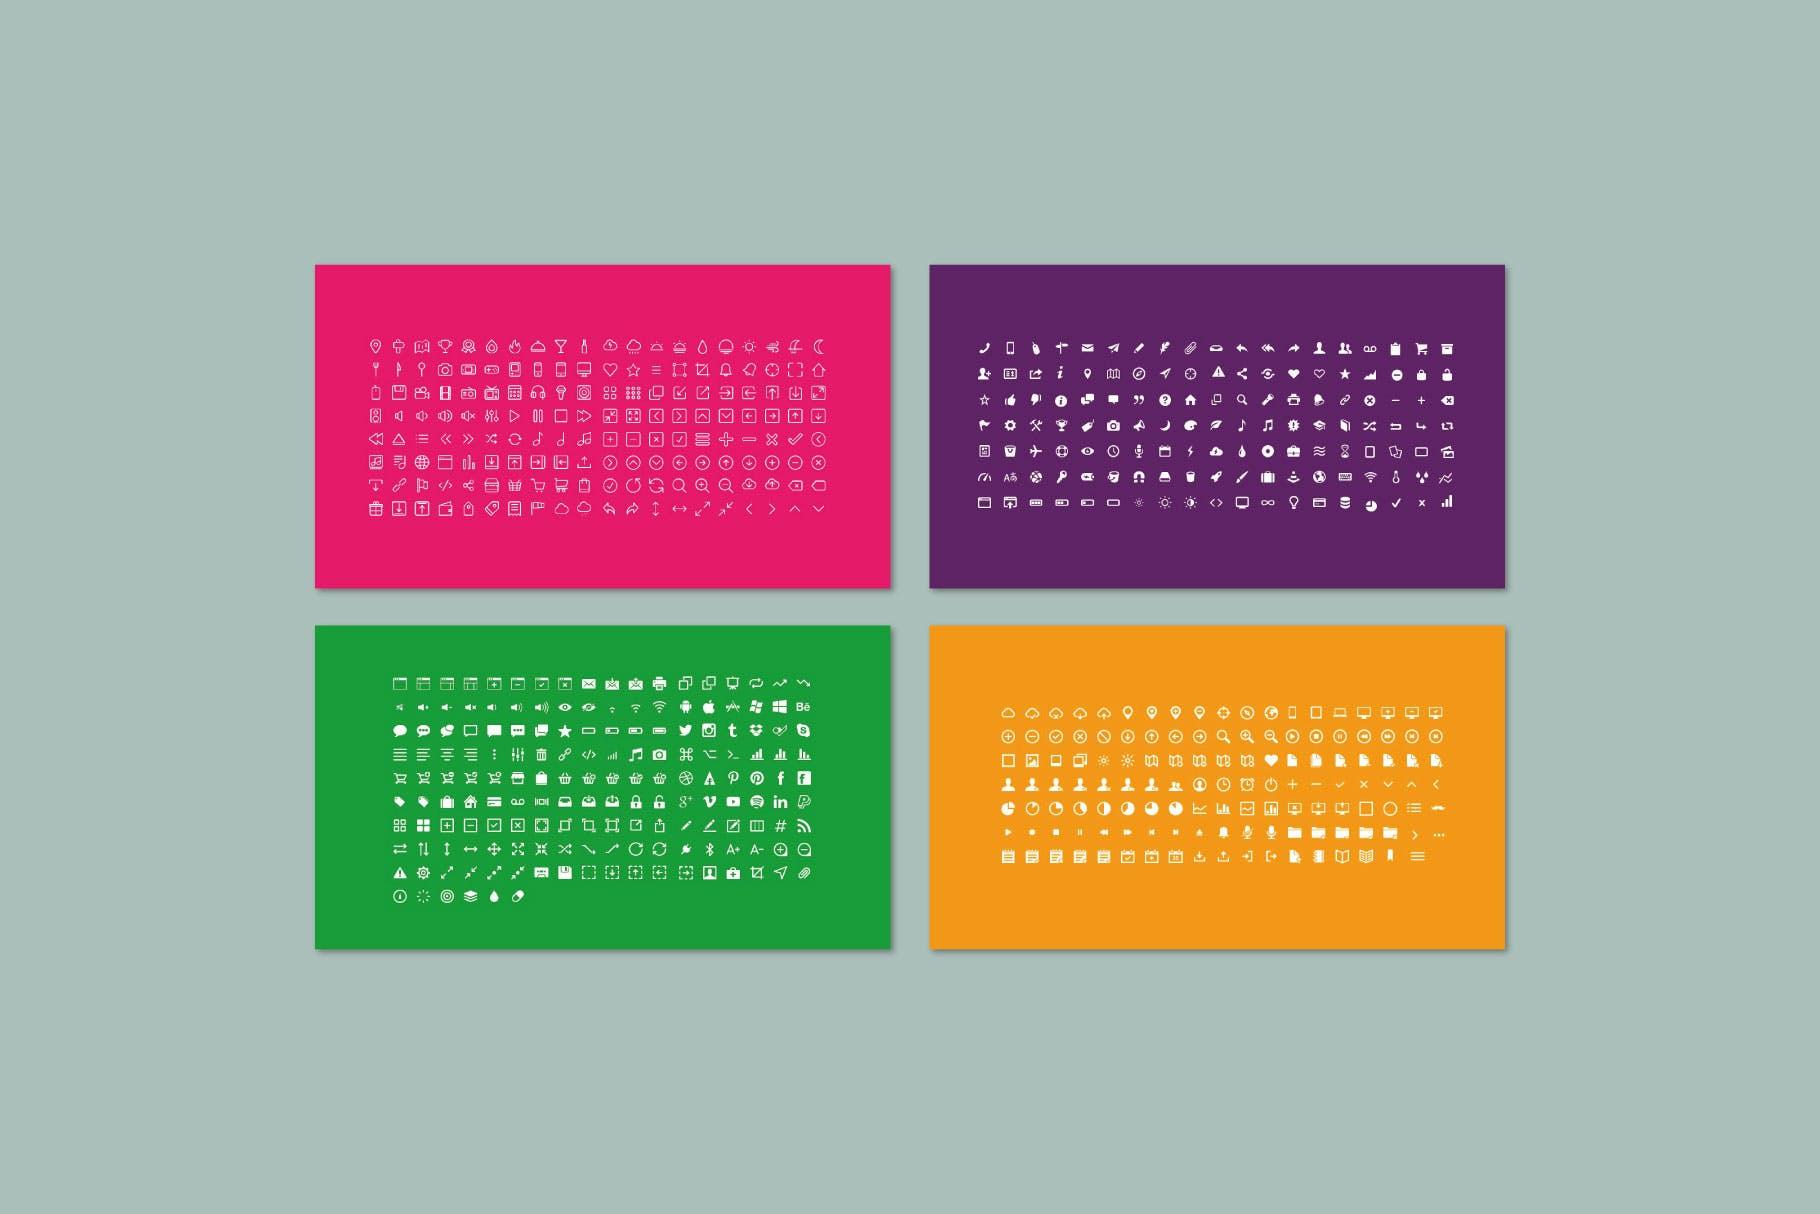 时尚极简产品营销演示文稿设计模板素材 Misya – Powerpoint Template插图10